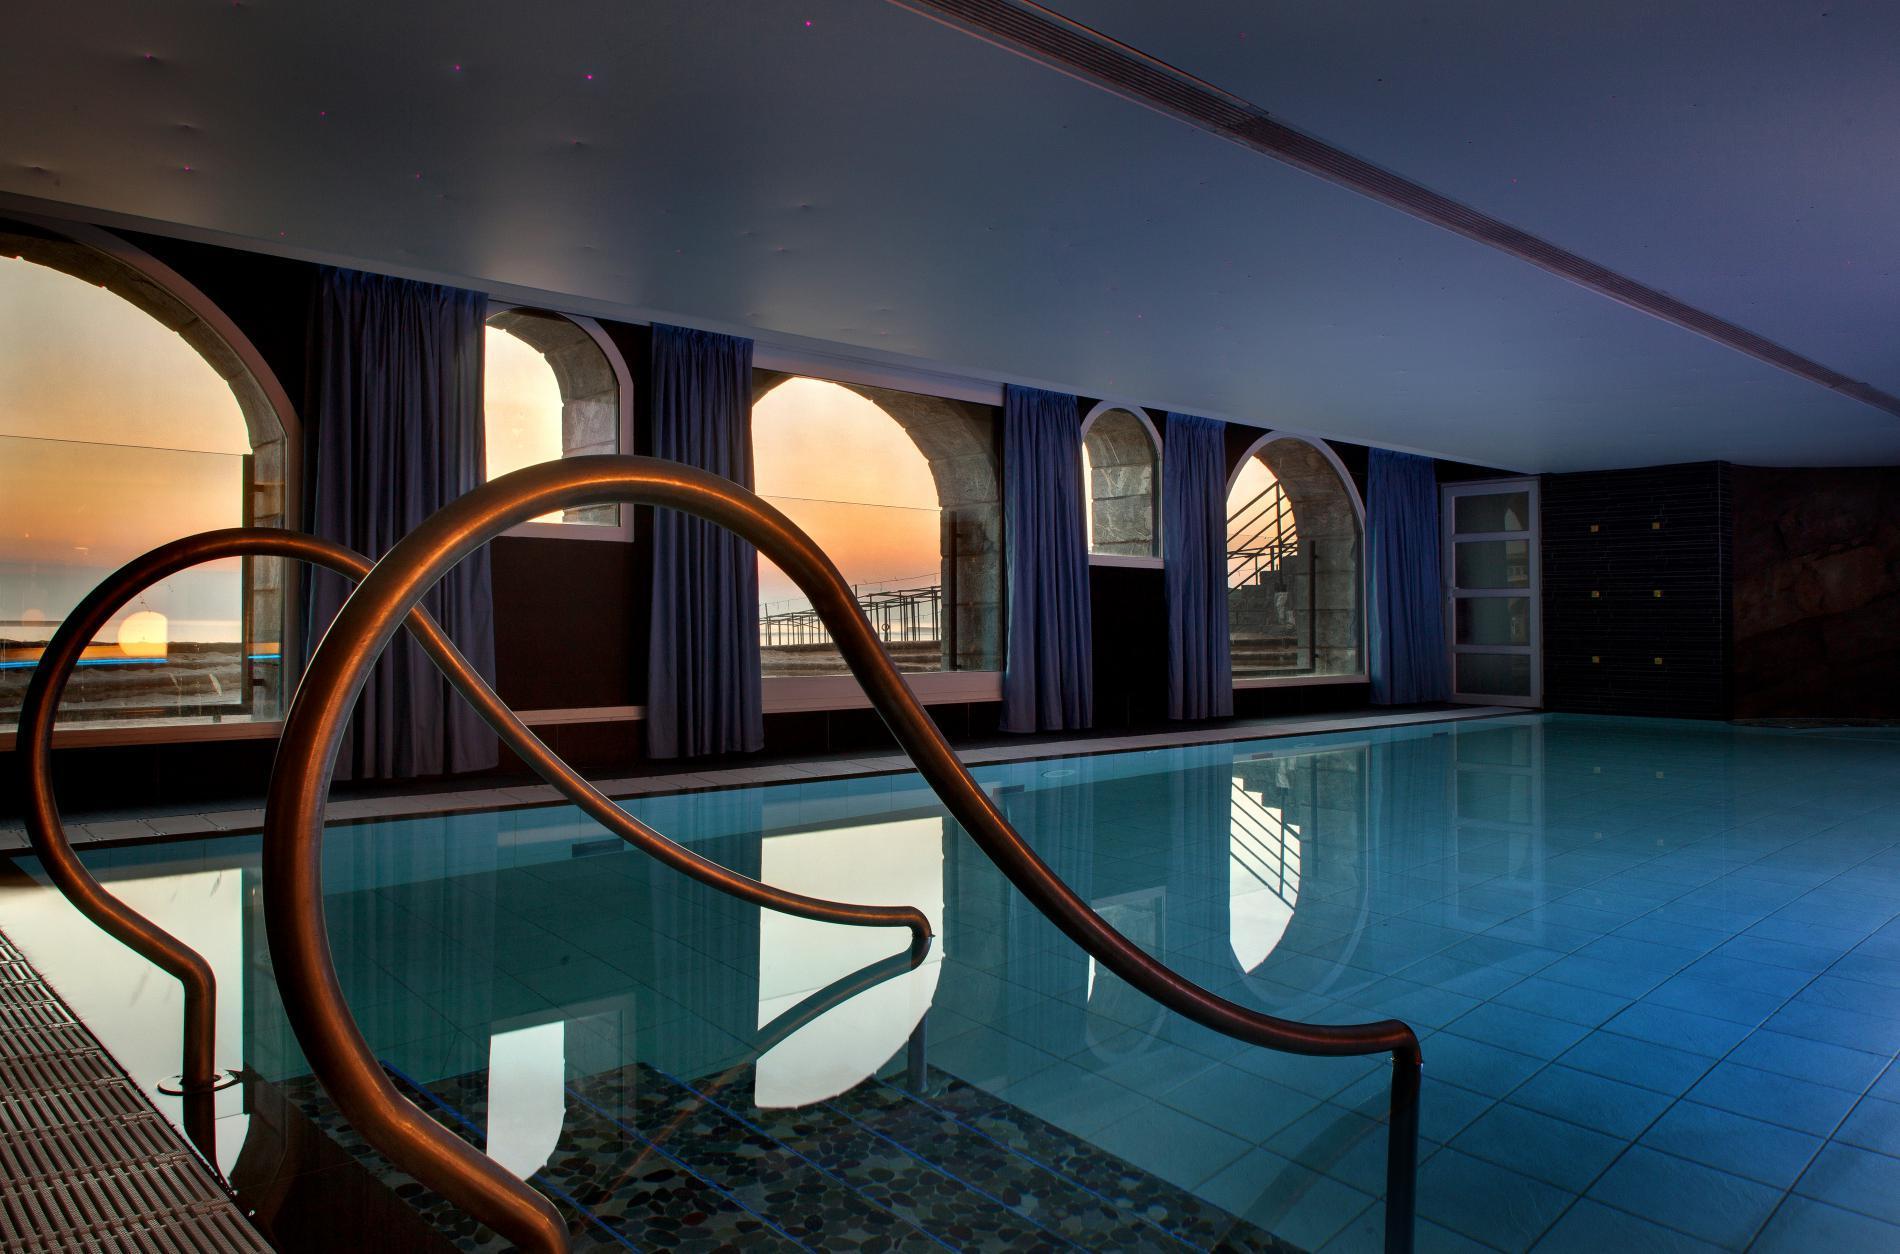 ... 11 séjours anti-fatigue pour cet automne - Grand hôtel thalasso   spa  Saint-Jean-de-Luz ... 574b723d391e